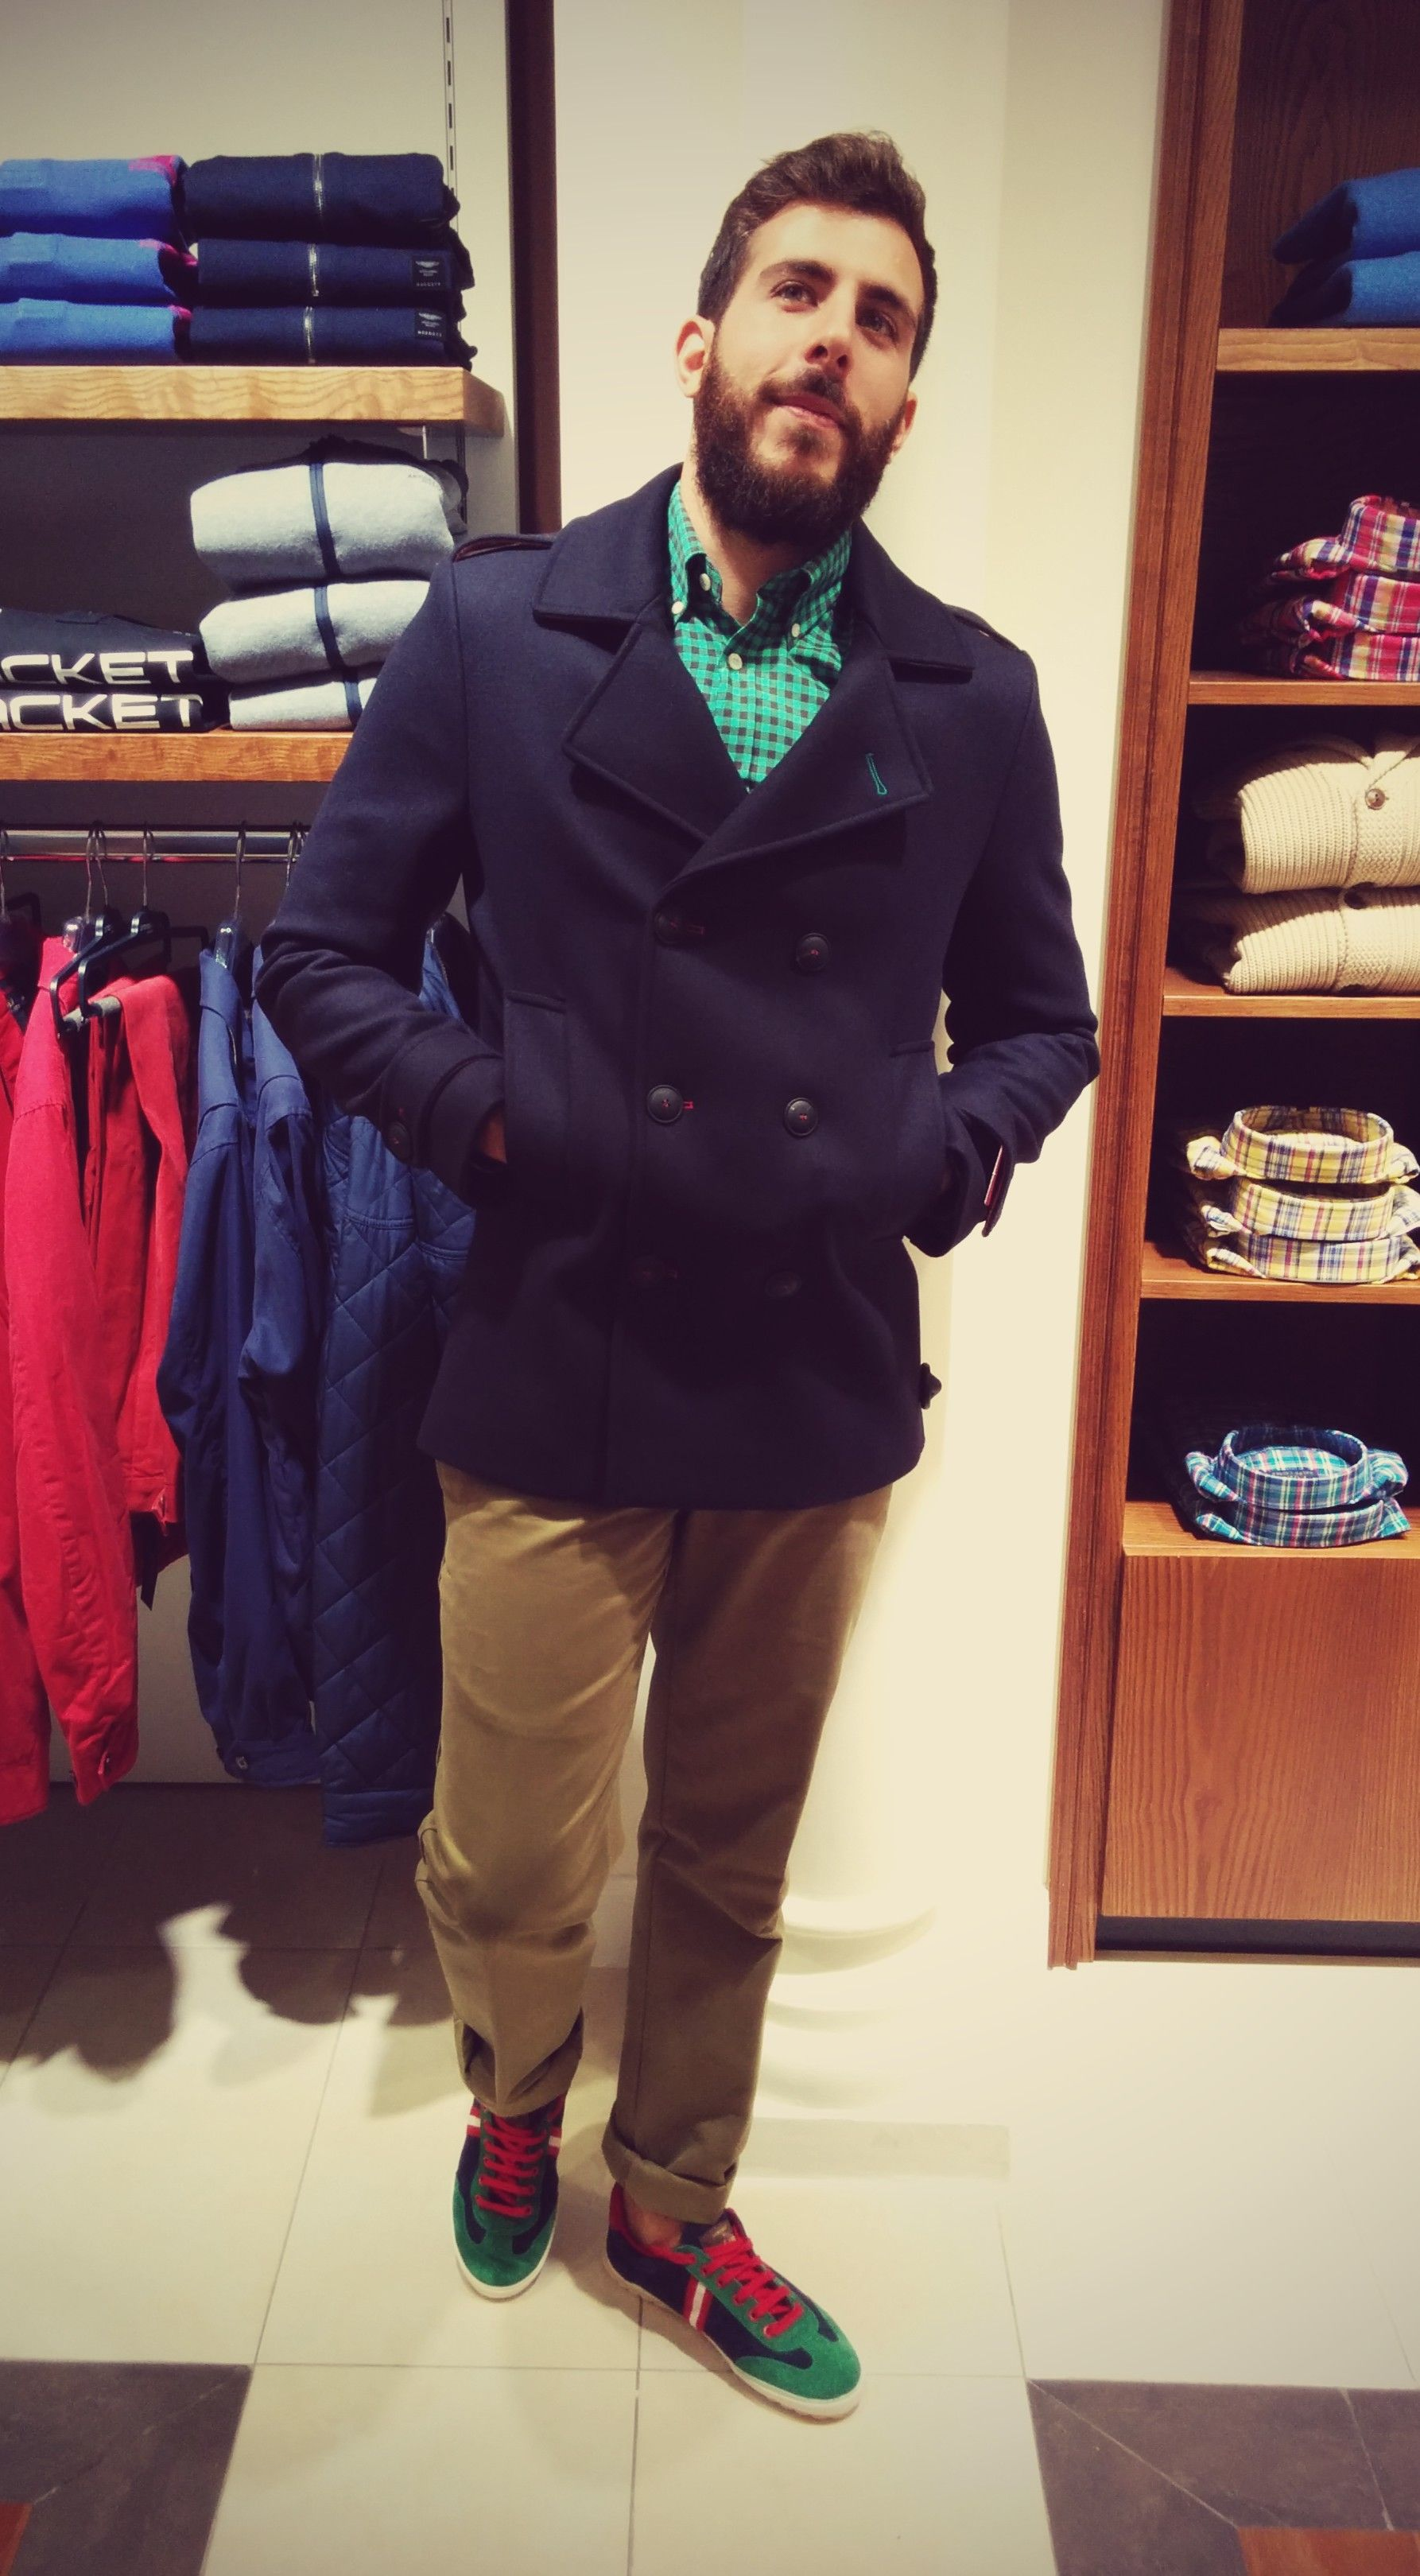 Abrigo El Ganso Azul Marino pantalon verde, zapatillas y camisa verde, Boutique Club 956 664 921.